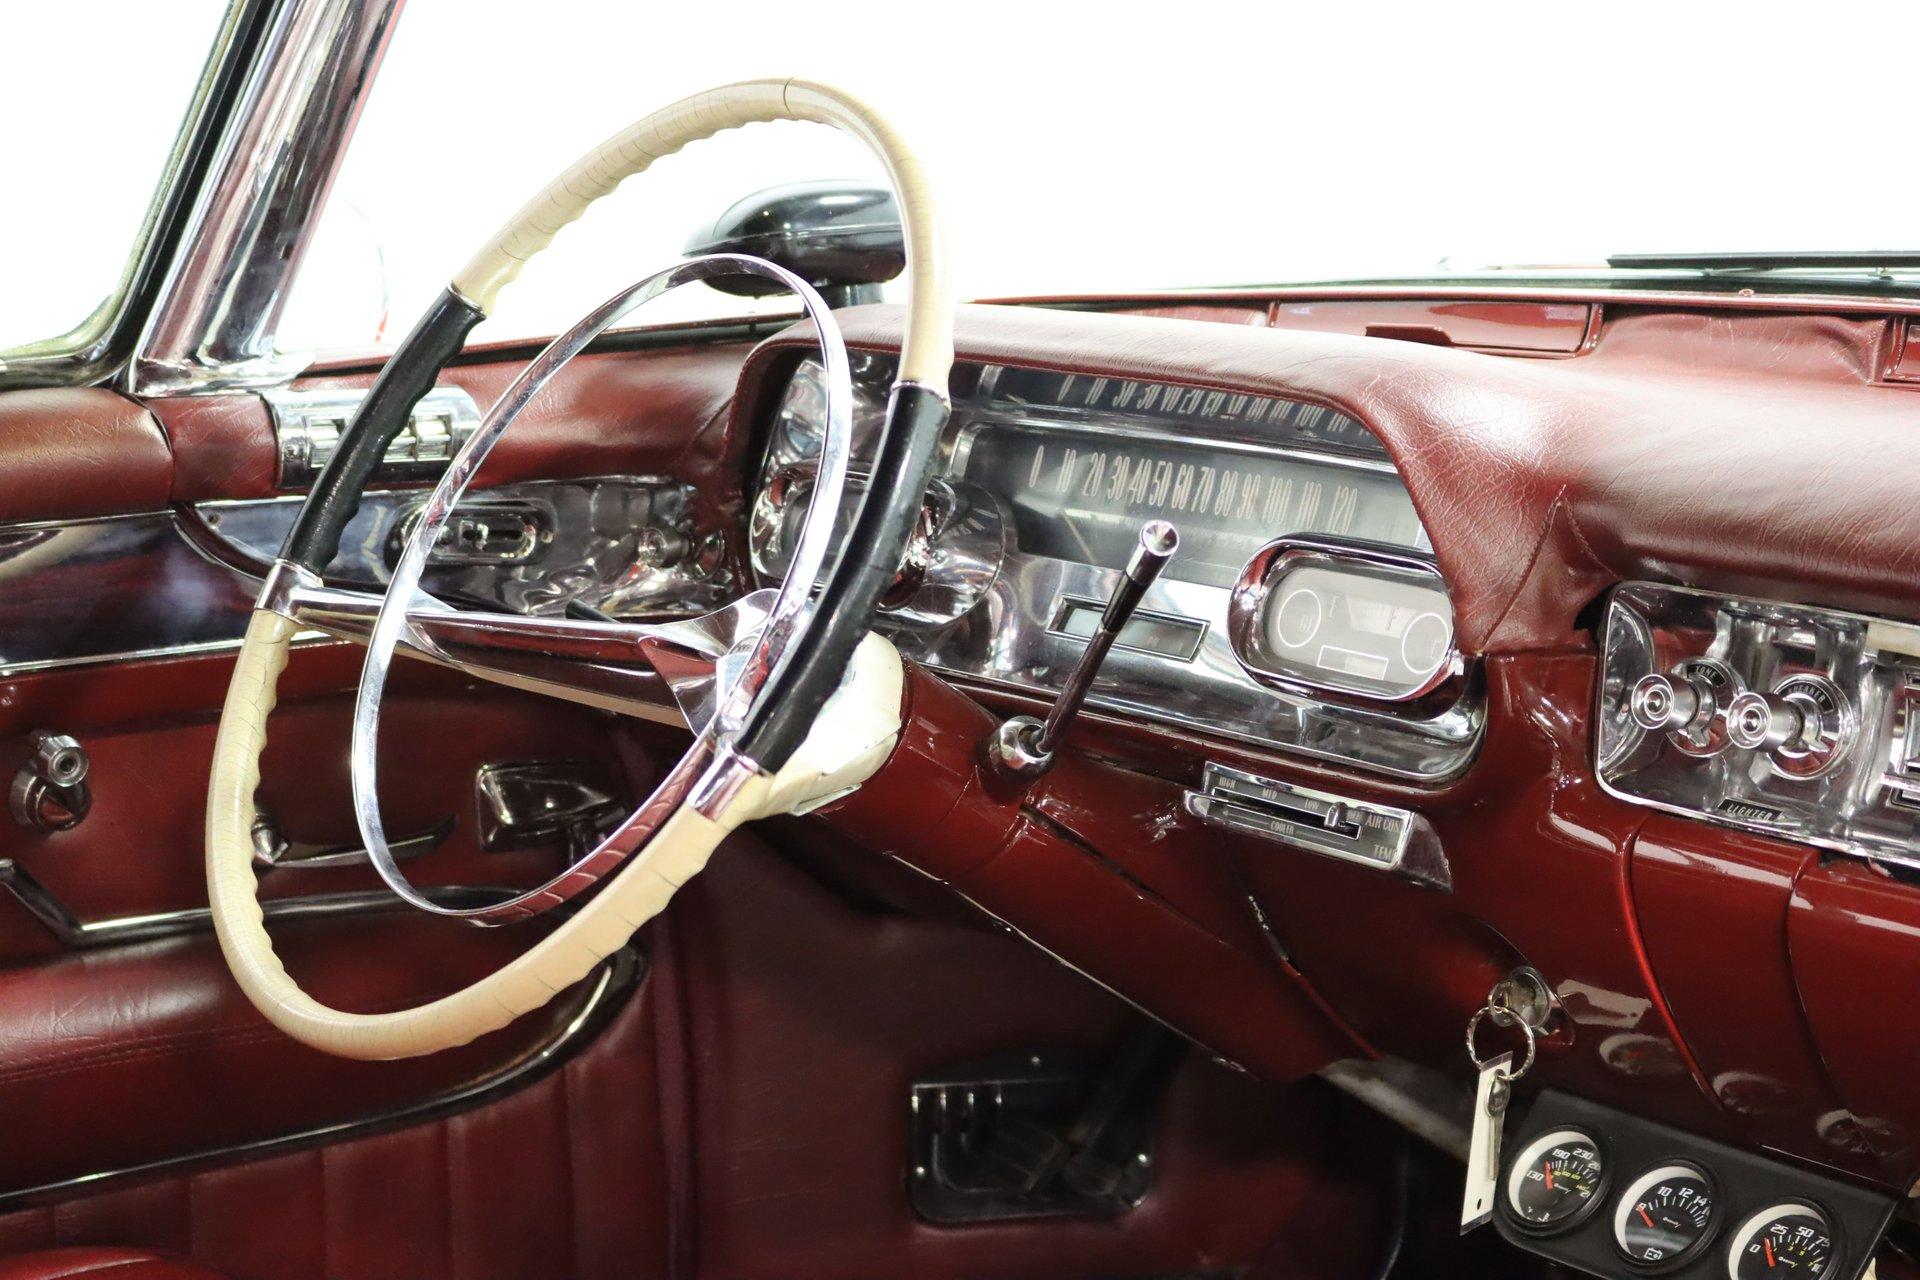 1957-cadillac-fleetwood-series-60